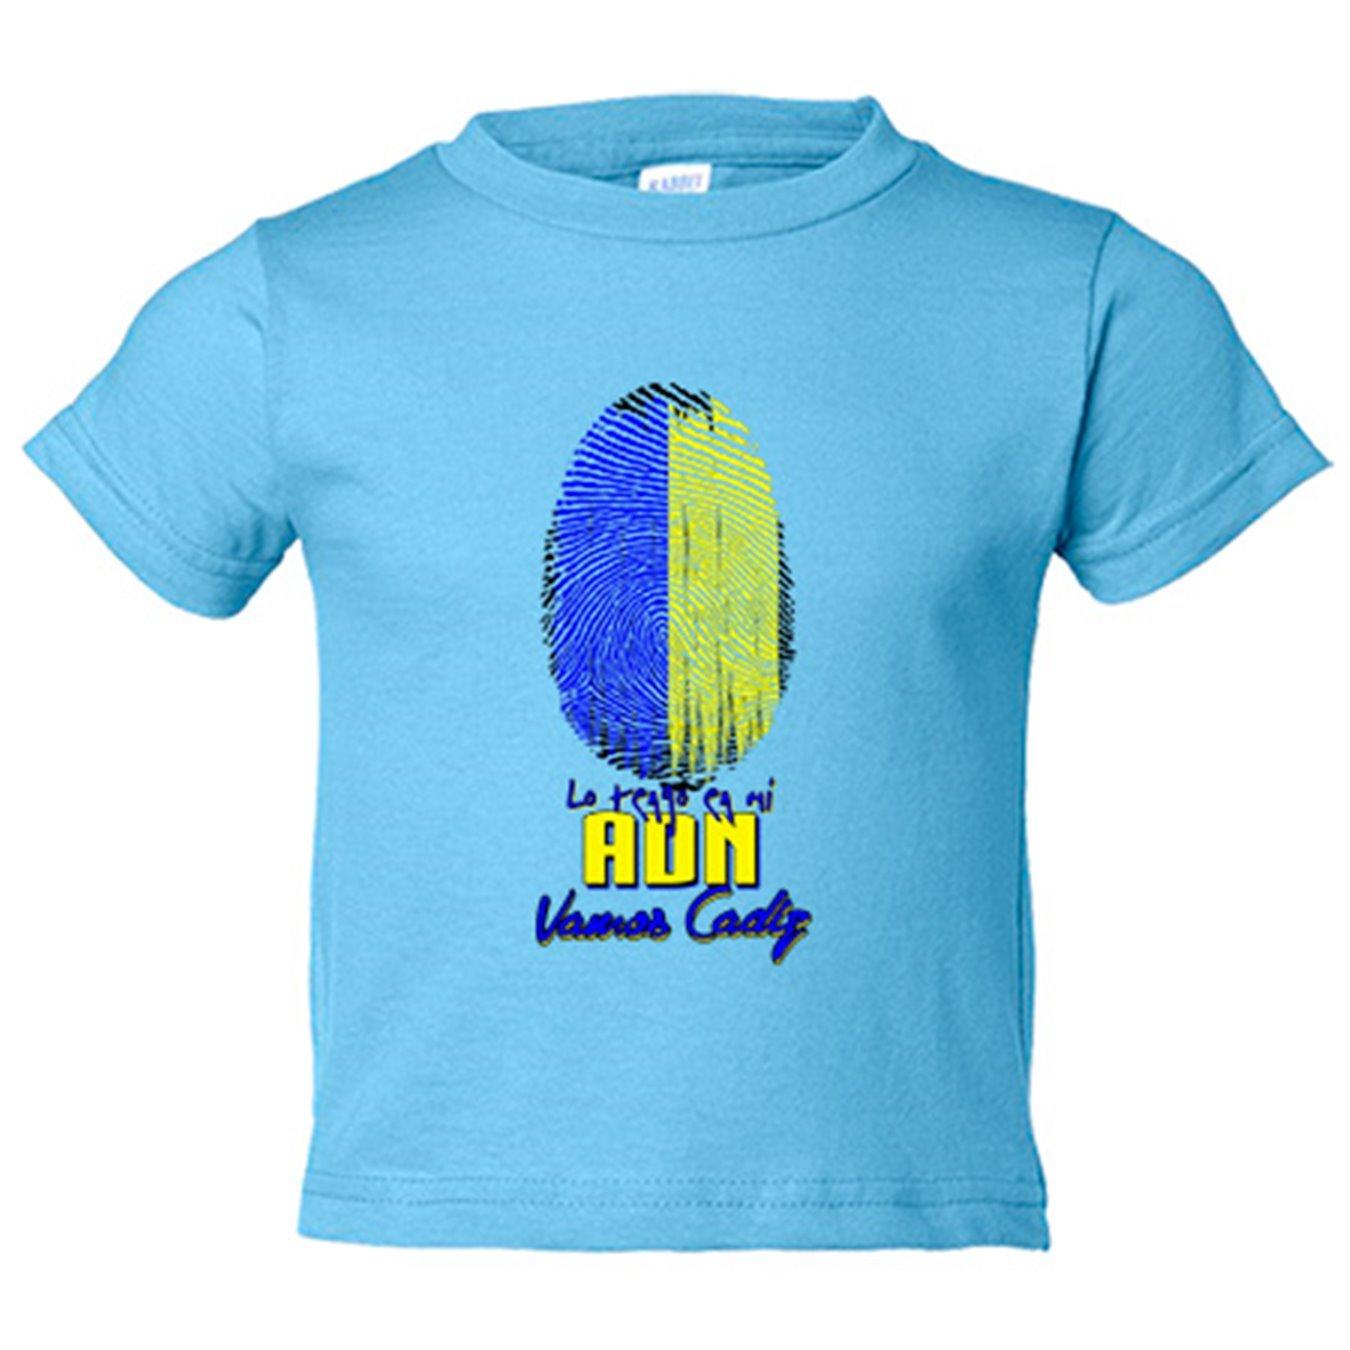 Camiseta niño lo tengo en mi ADN Cádiz fútbol - Amarillo, 3-4 años: Amazon.es: Bebé